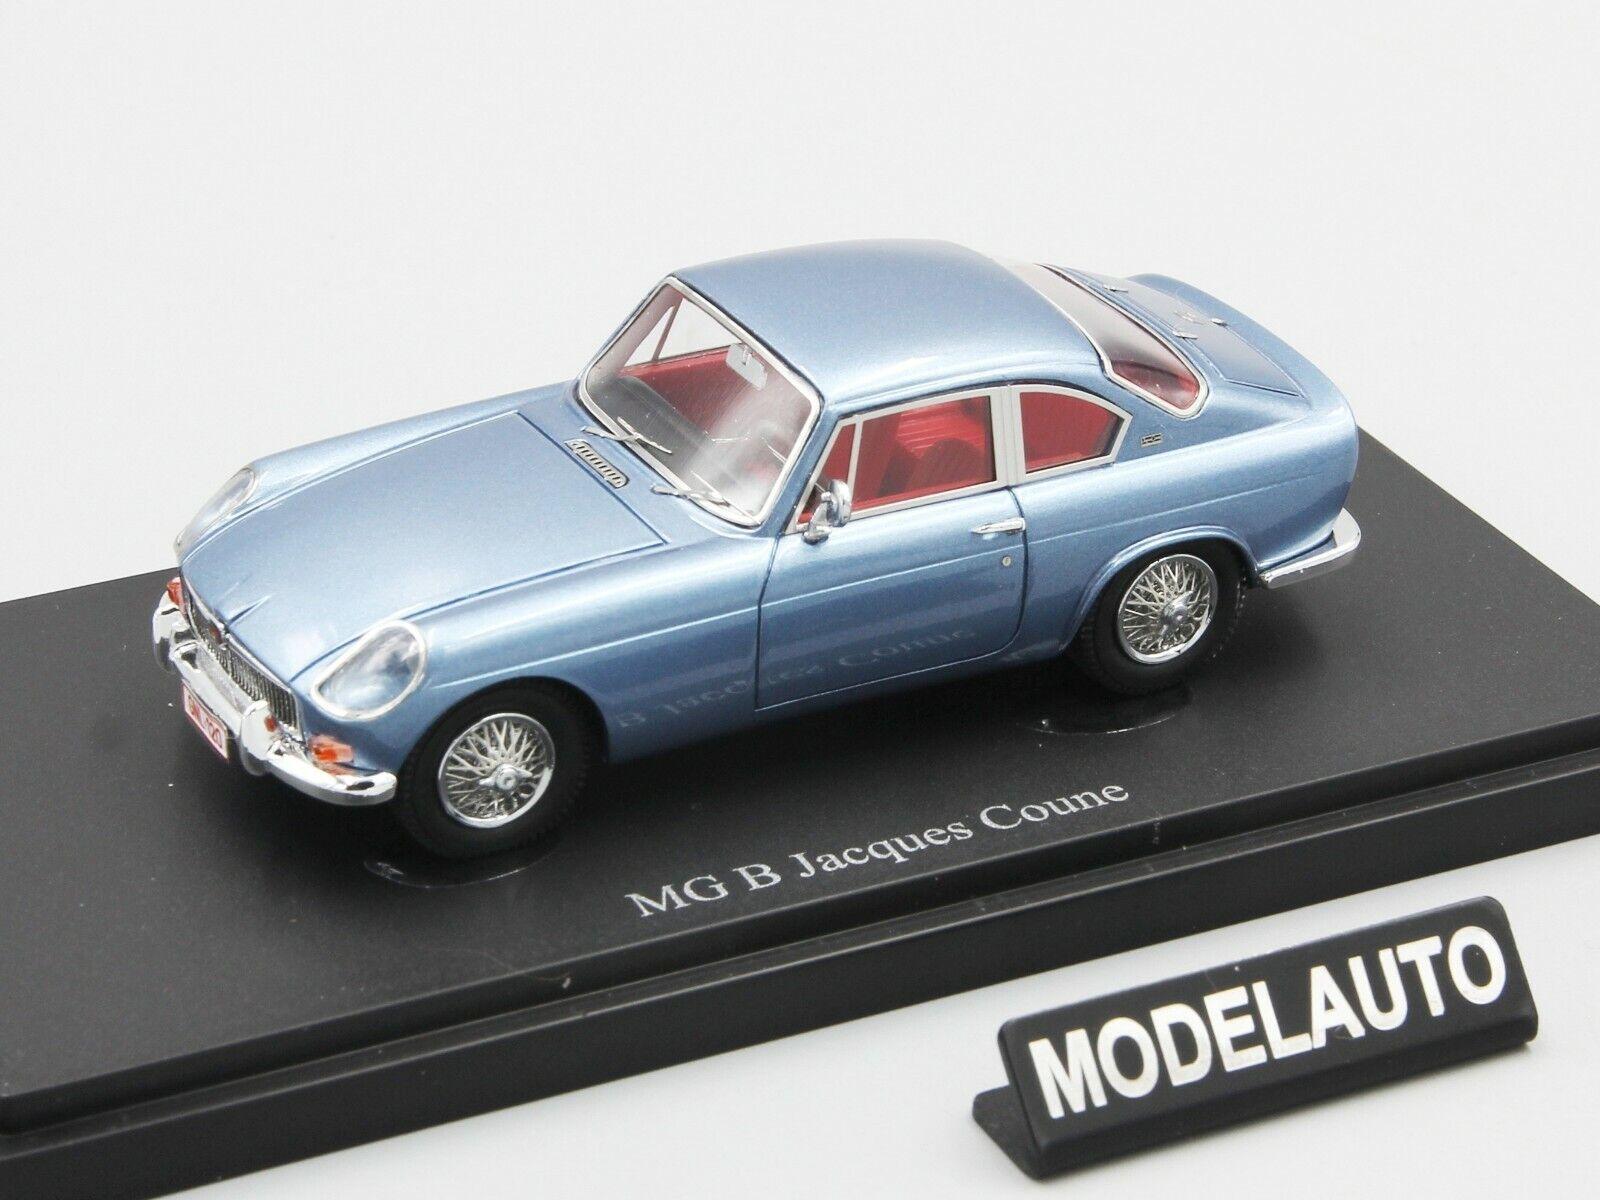 Autocult 1 43 MG  B Jacques Ticoune, bleu-métallique, Belgique, 1964 L. E. 333 pcs  2018 dernier